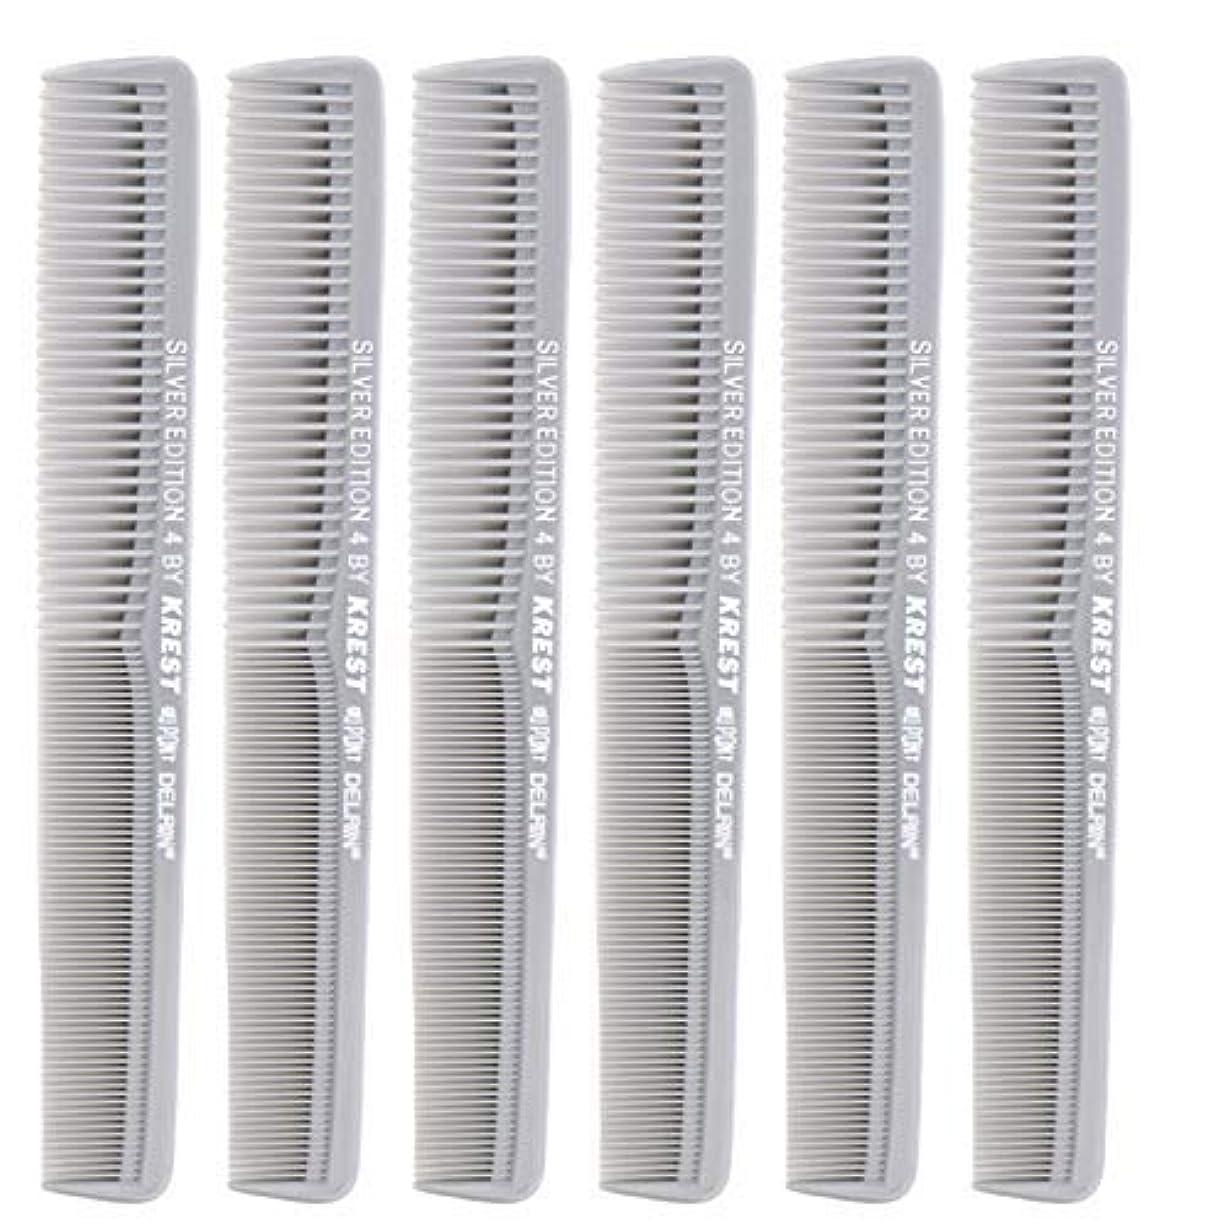 弁護呼び起こす言い訳7 In. Silver Edition Heat Resistant All Purpose Hair Comb Model #4 Krest Comb, [並行輸入品]